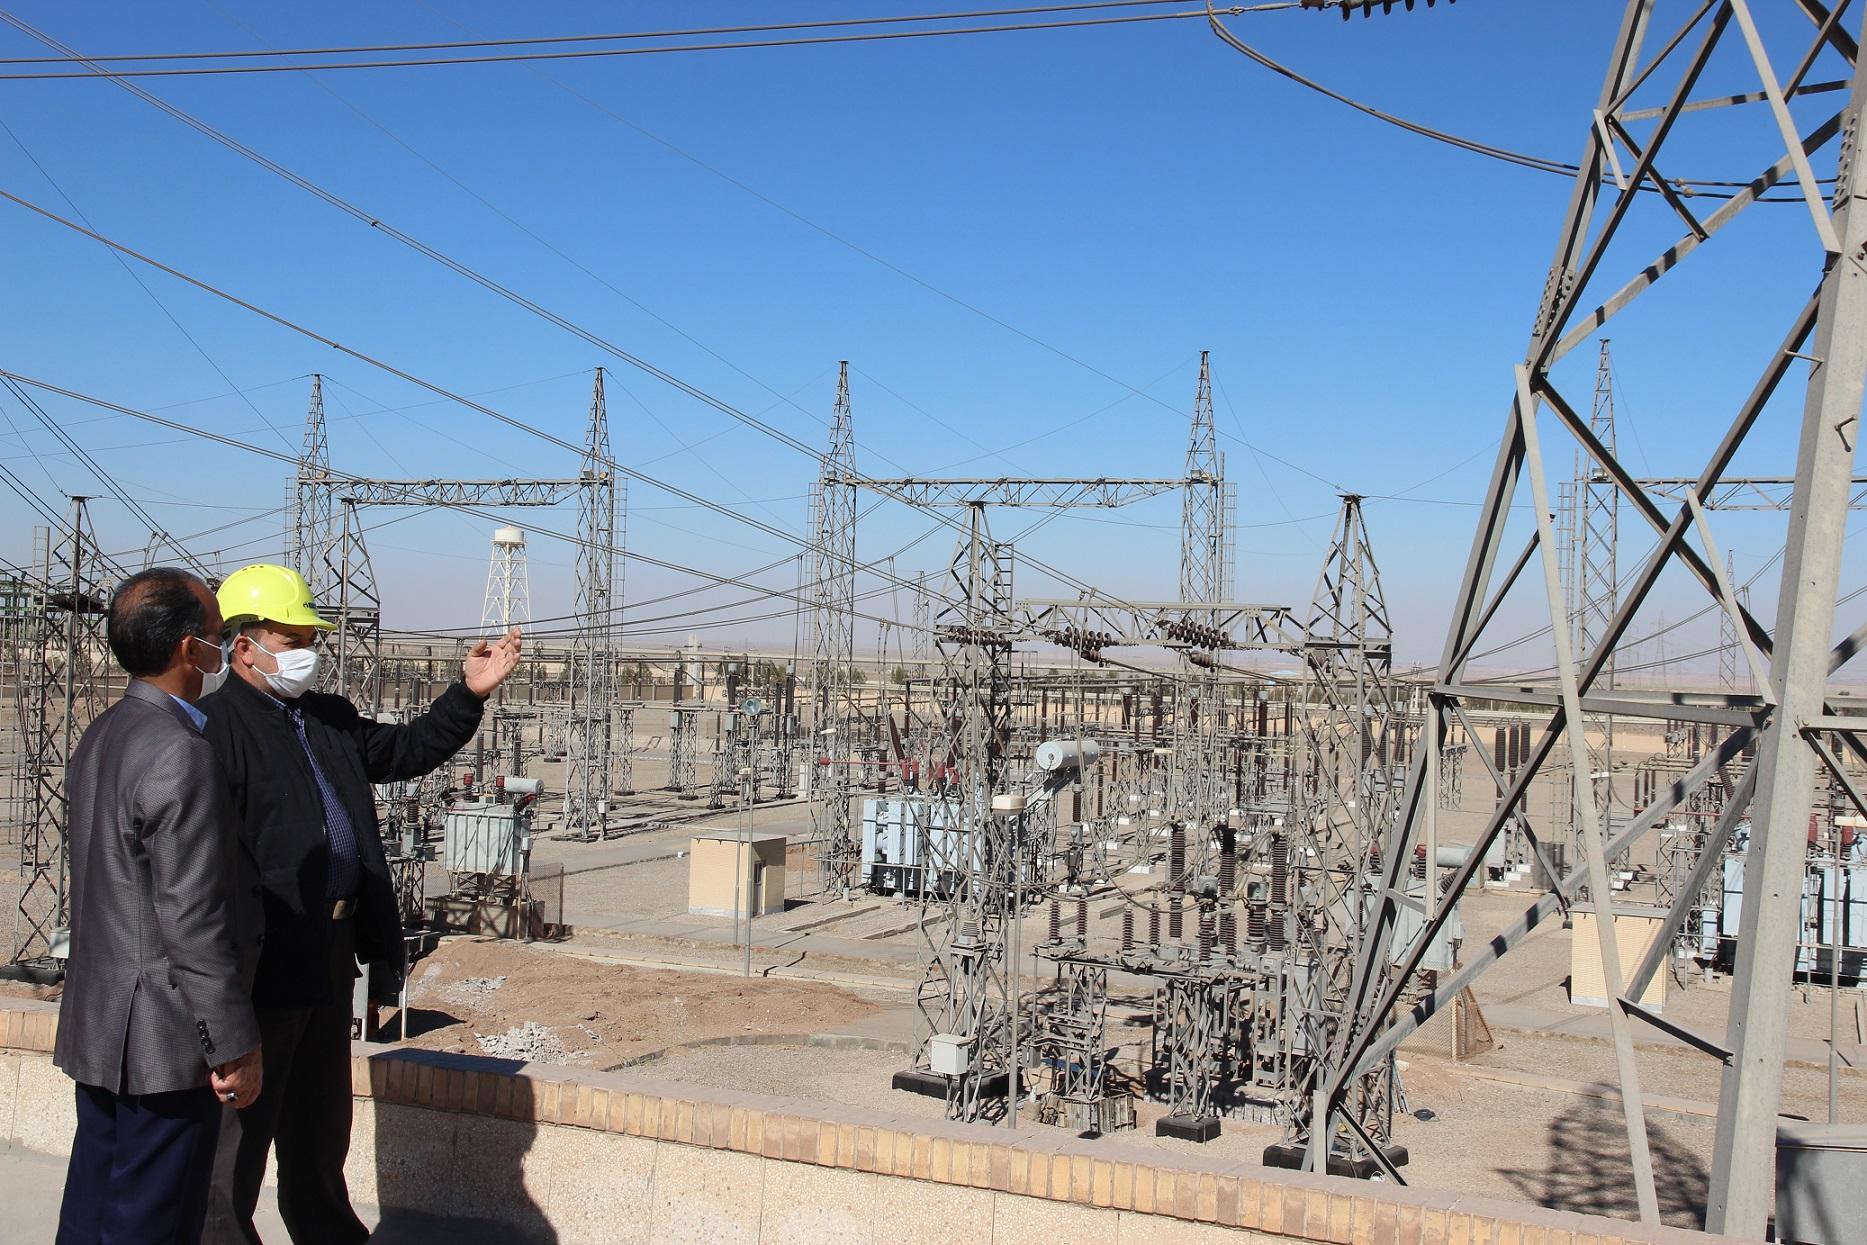 عملکرد ده ماهه کارکنان پست یزد ۲ شرکت برق منطقهای یزد